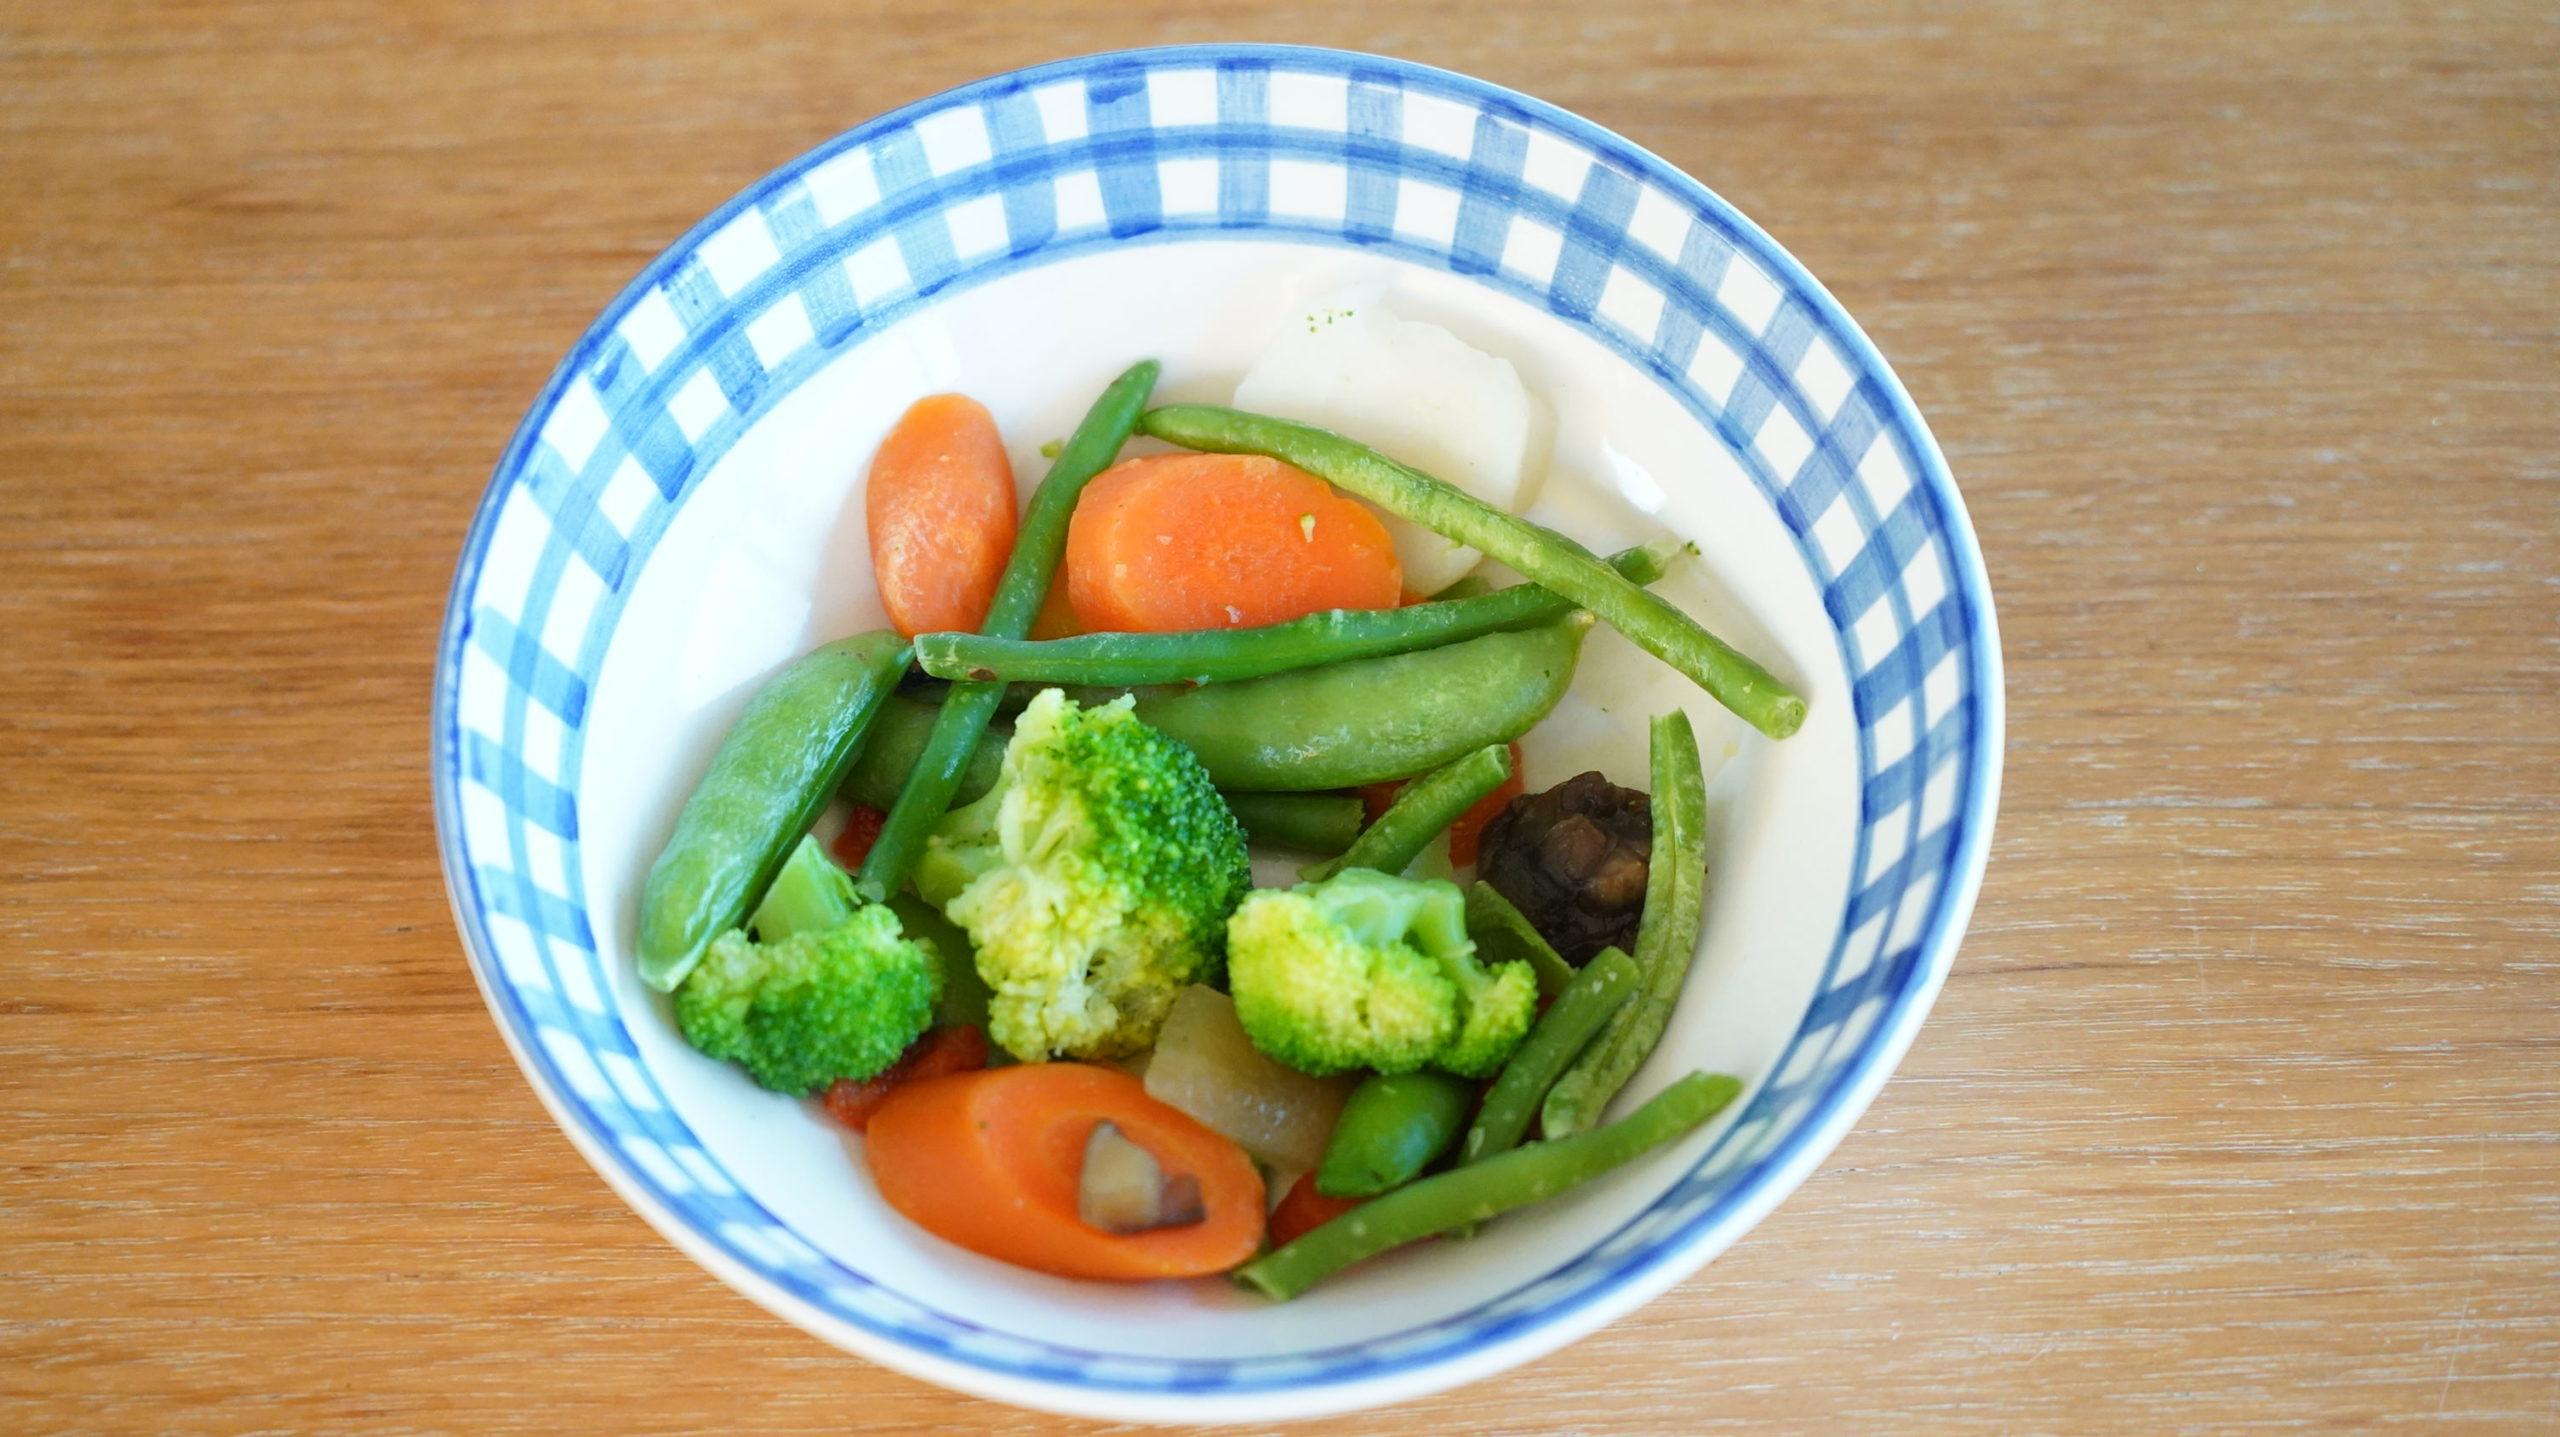 コストコの冷凍食品「ステアフライ・ベジタブルブレンド」の野菜の写真